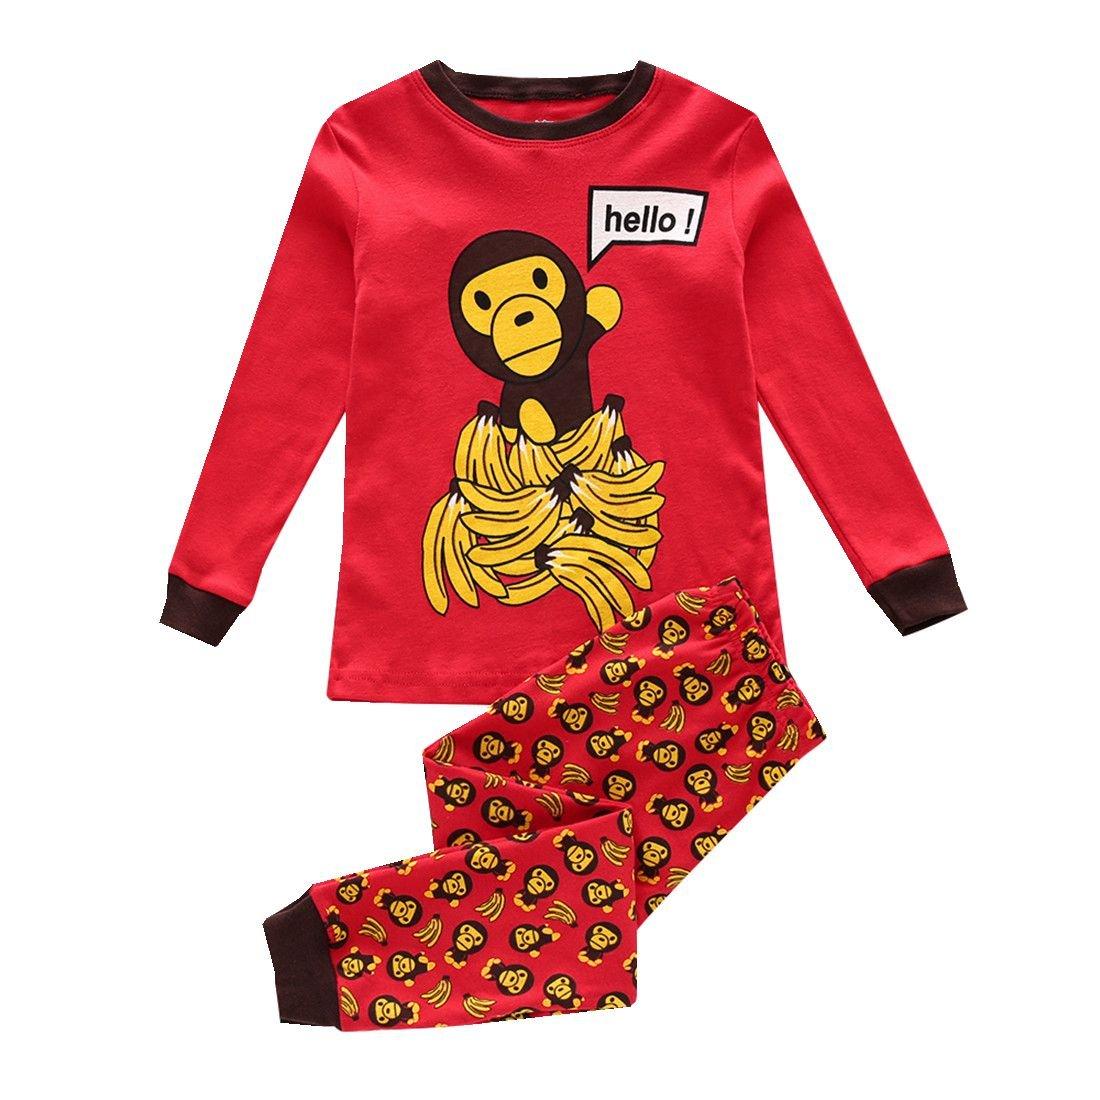 Boys Pajamas Easy Long Sleeves Toddler Clothes Monkey Kids Pjs Sleepwear 2 Piece Yzjcafriz